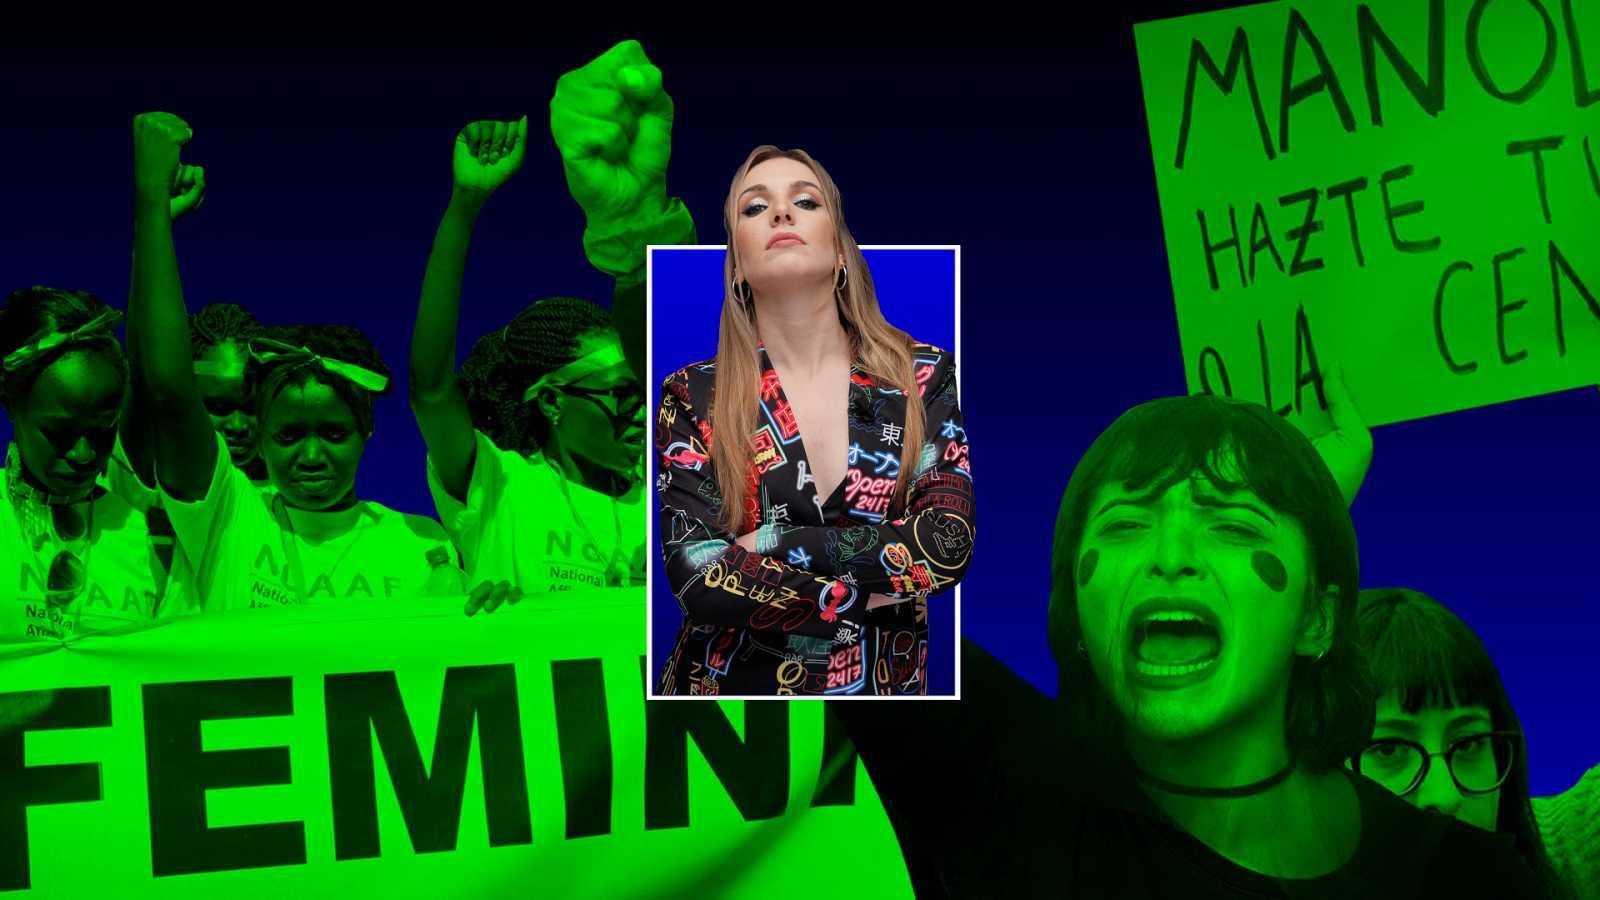 Focus Group 8M: Madres, hijas y feminismo